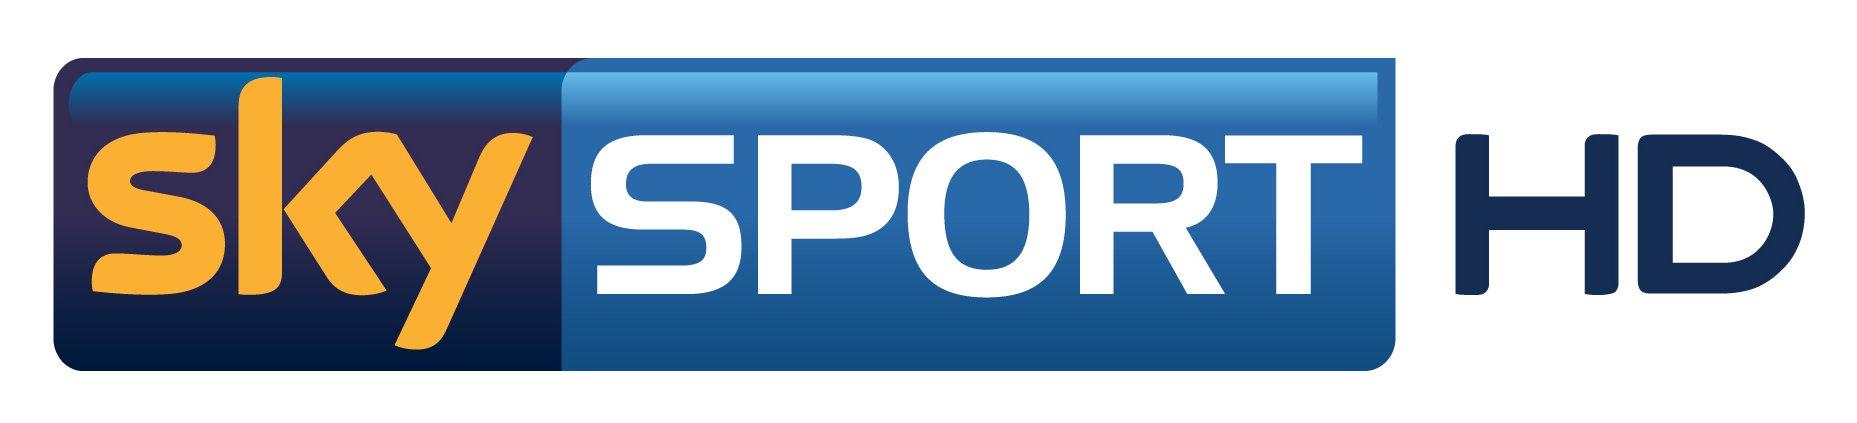 قنوات جديدة ( sky sport1 hd , Sky Uno) ضمن باقة MEDIASET PREMIUM على